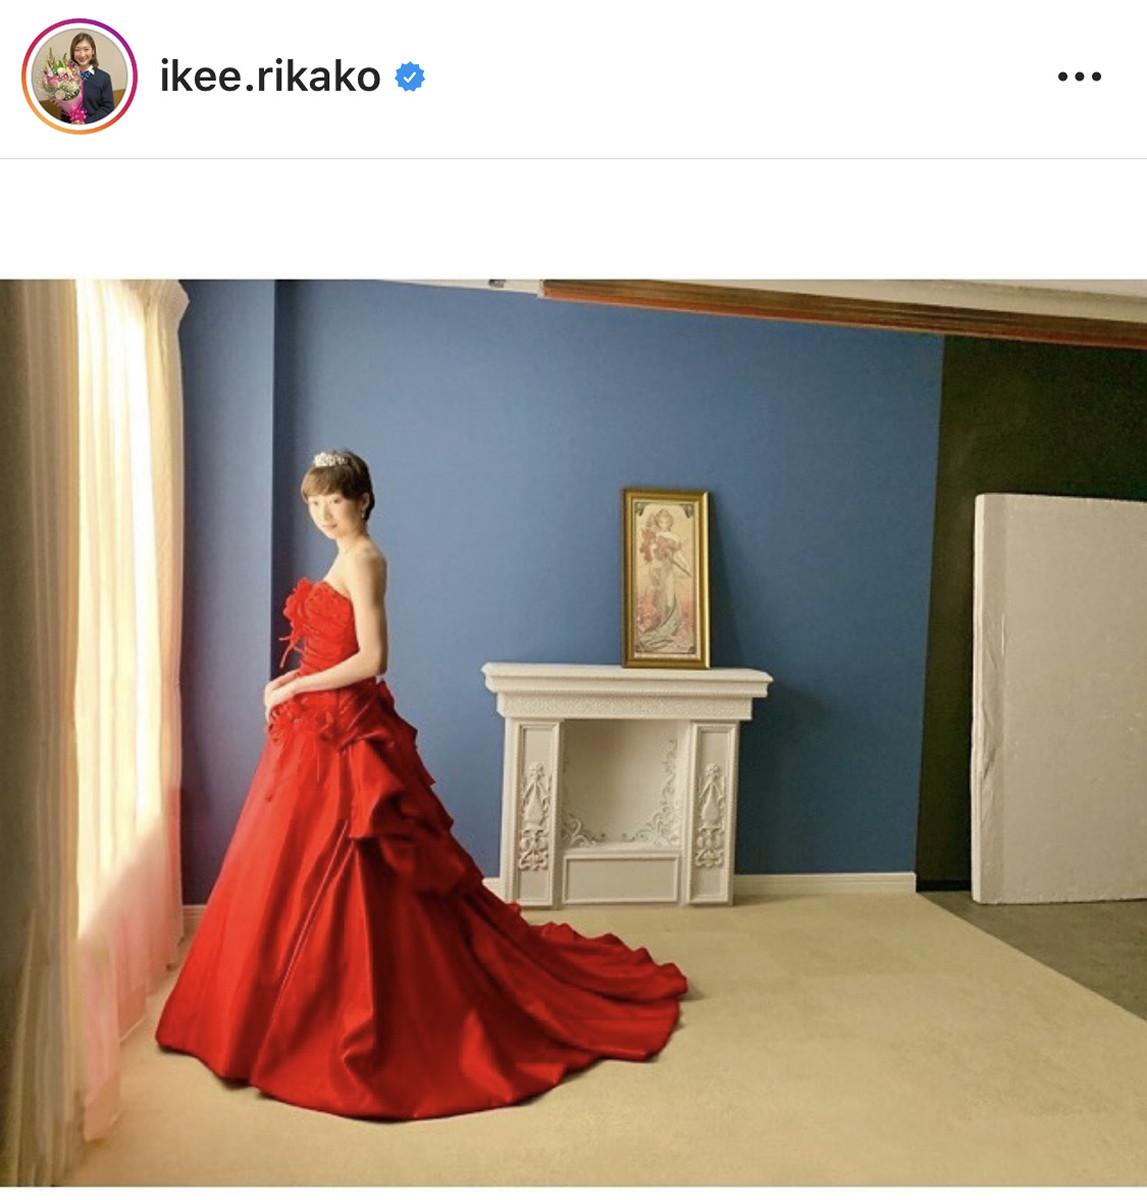 真っ赤なドレス姿の写真を公開した池江璃花子のインスタグラム(@ikee.rikakoより)